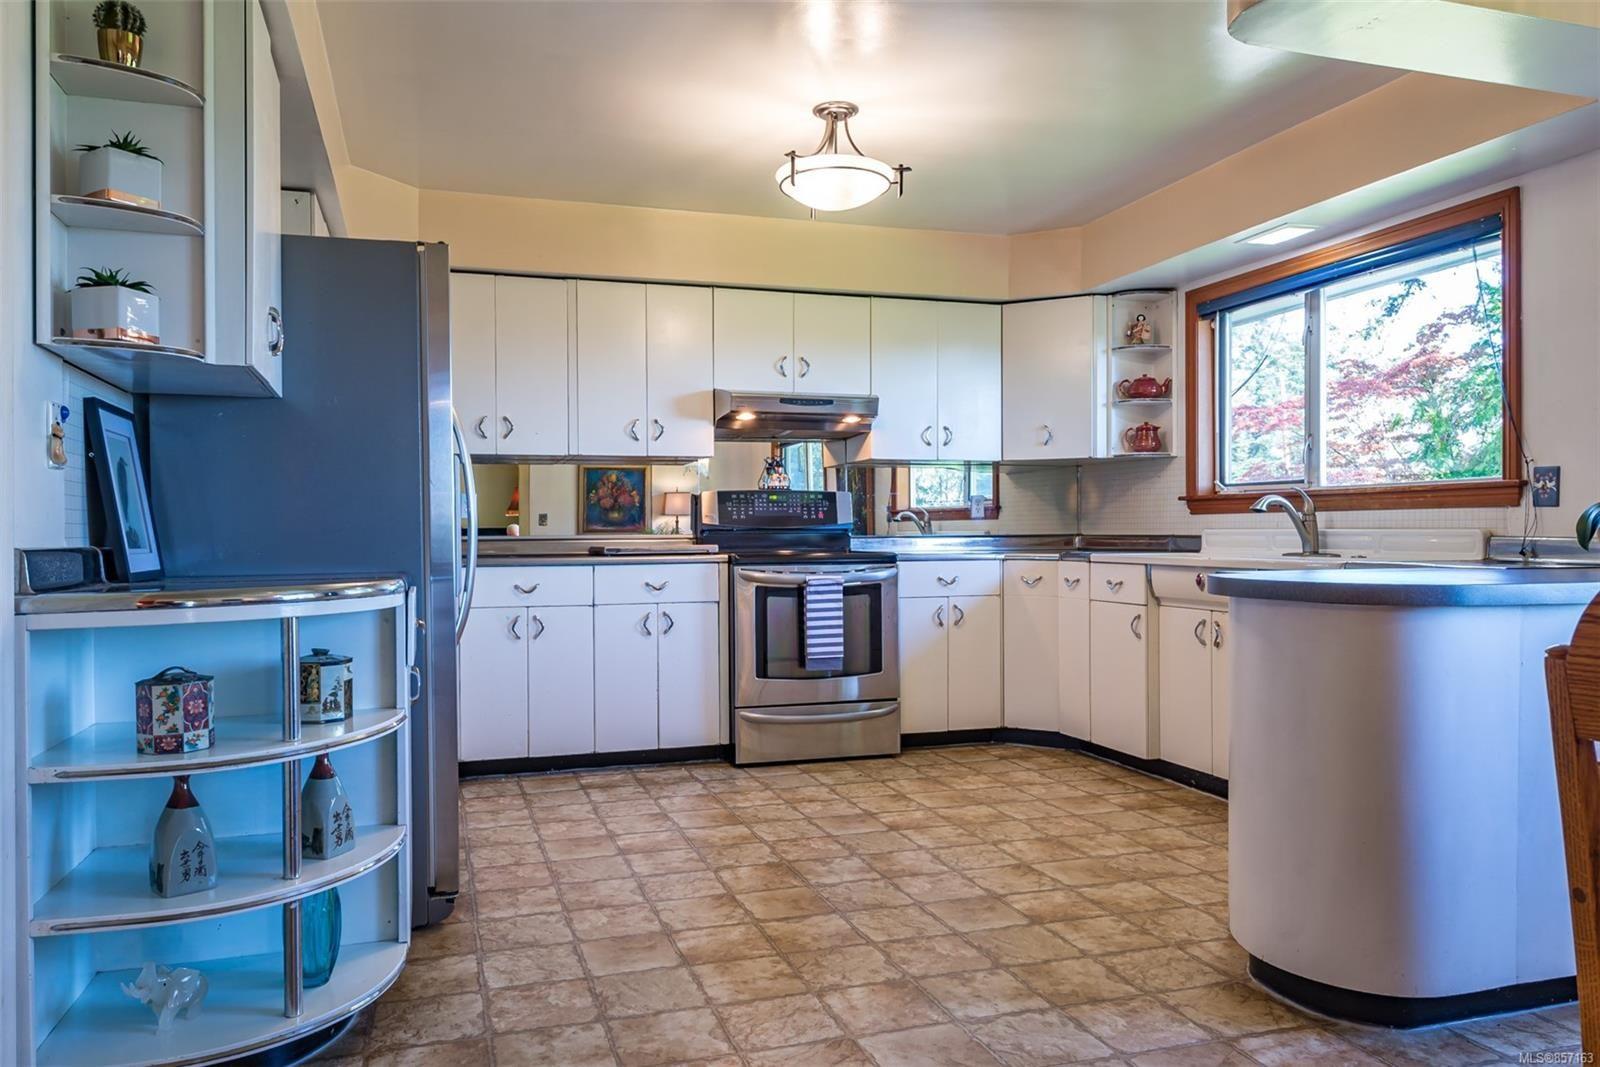 Photo 21: Photos: 4241 Buddington Rd in : CV Courtenay South House for sale (Comox Valley)  : MLS®# 857163